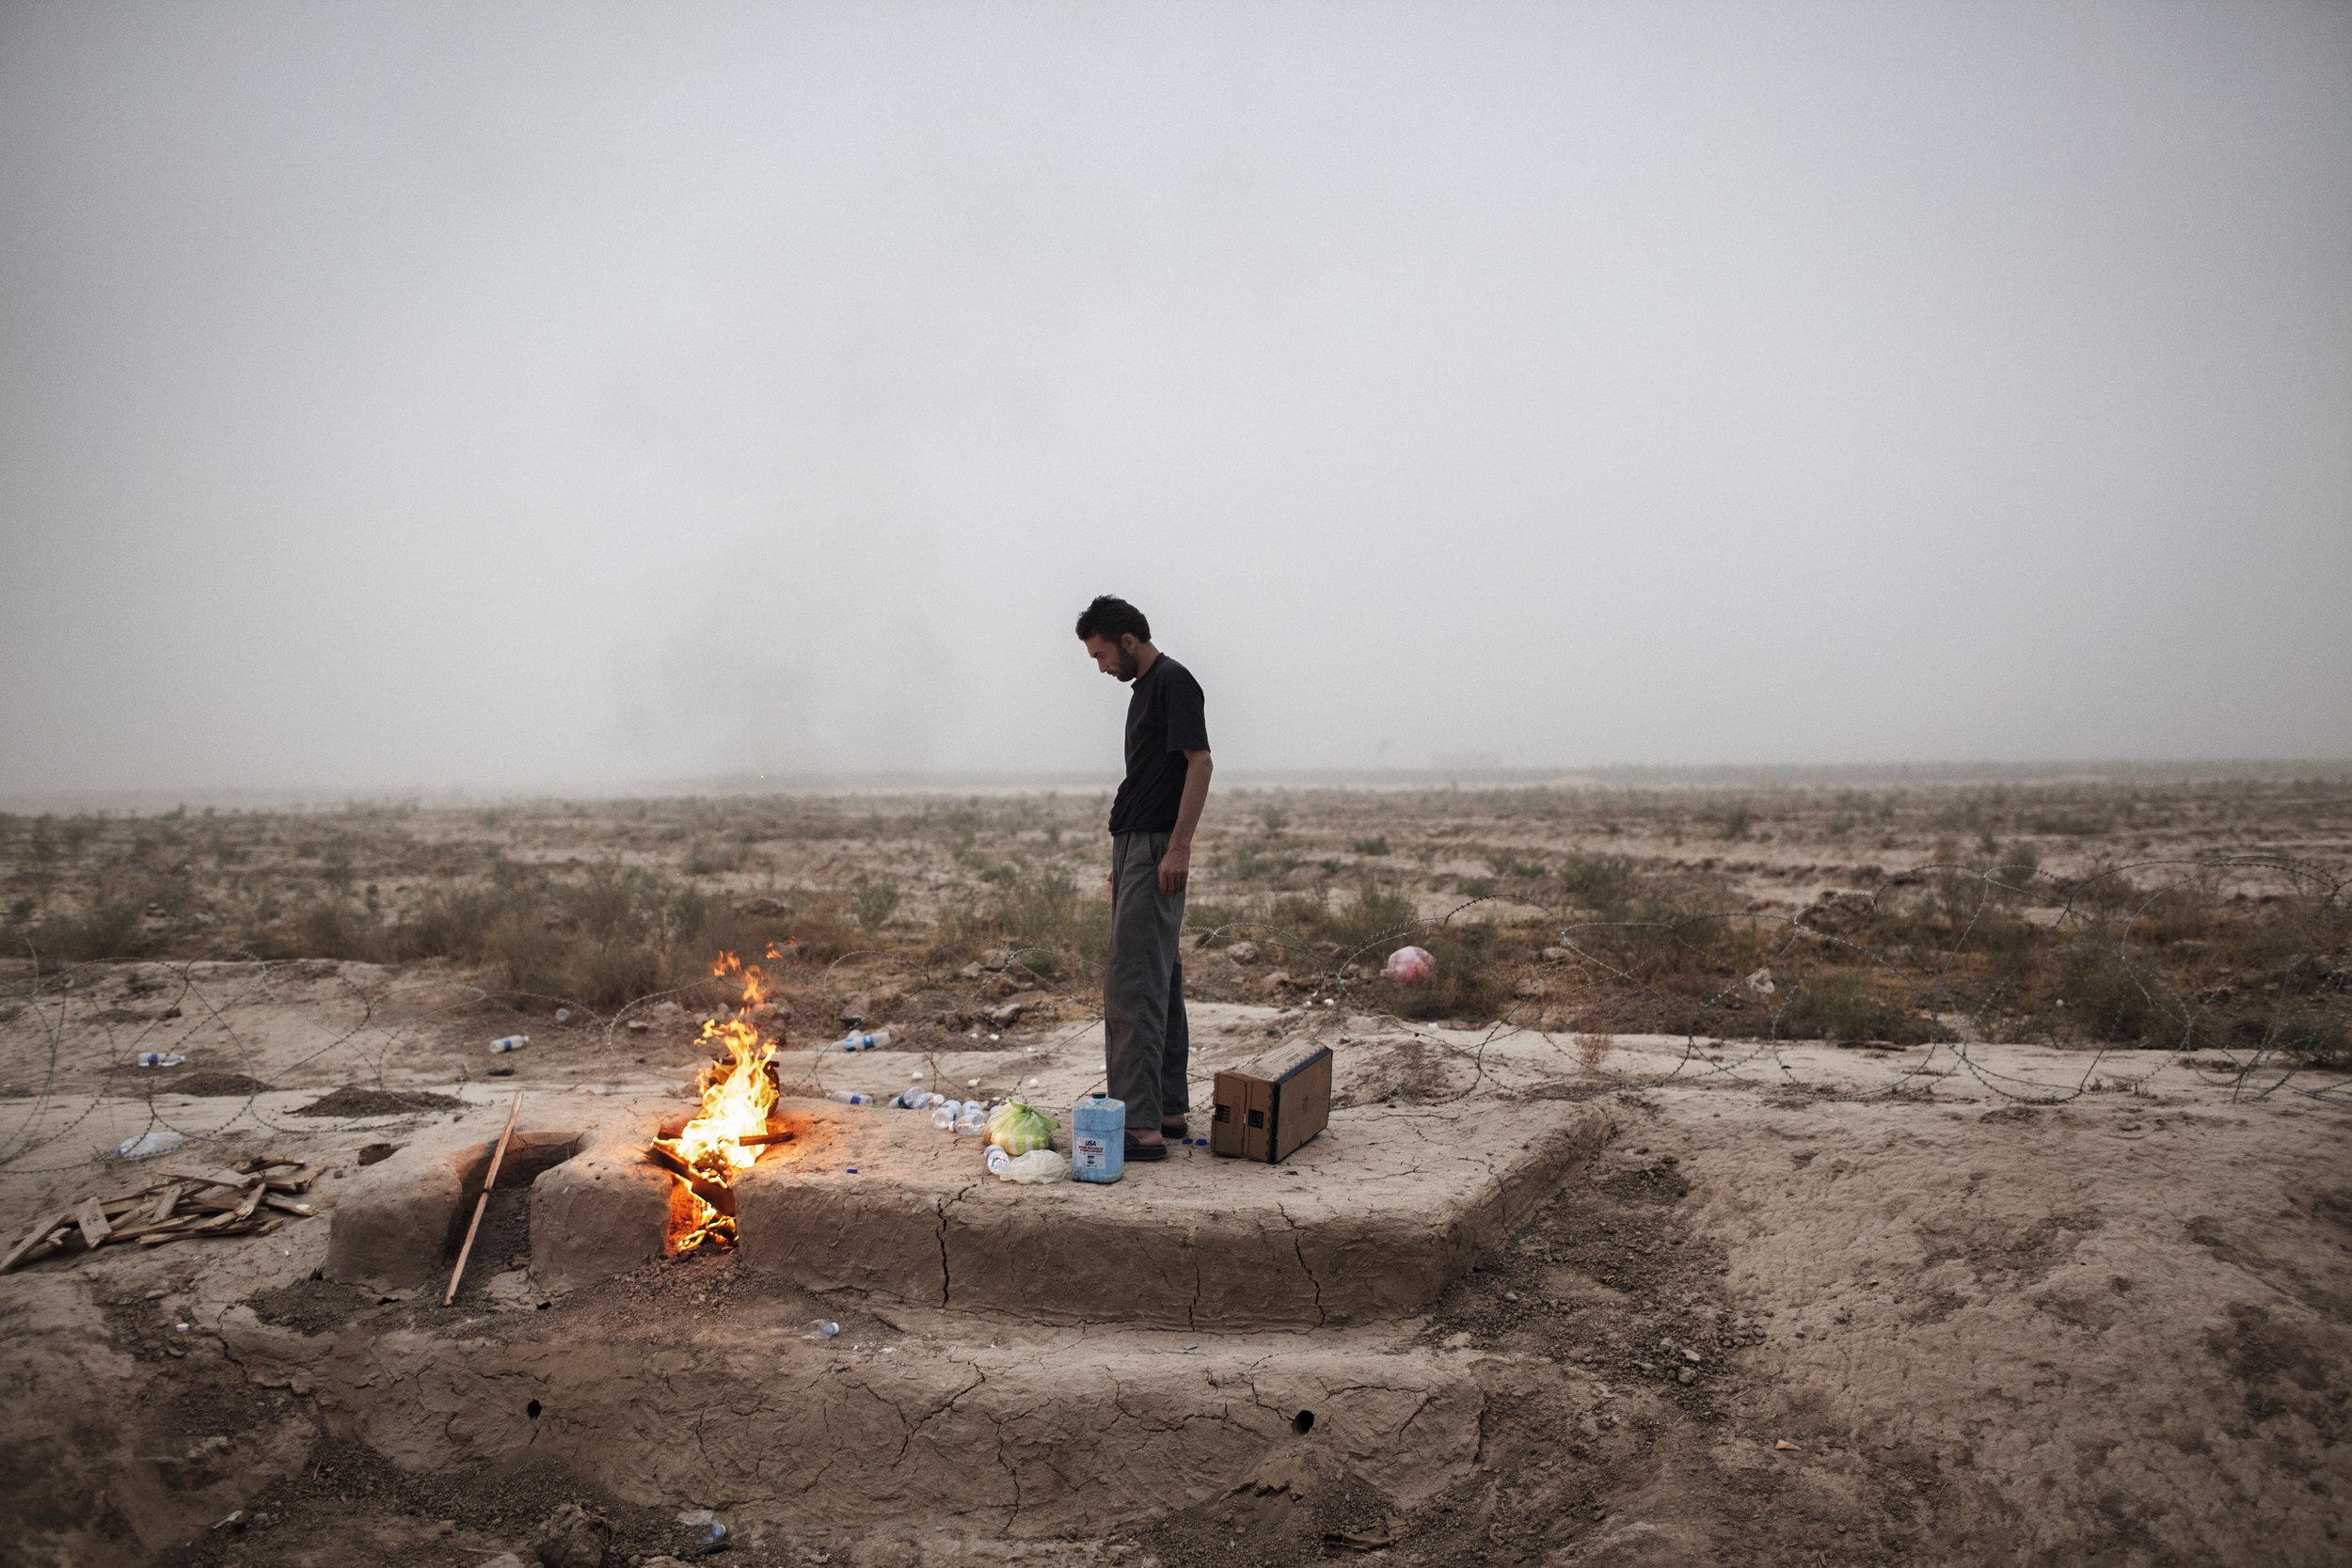 Sebastian_Meyer_Afghanistan_19.jpg